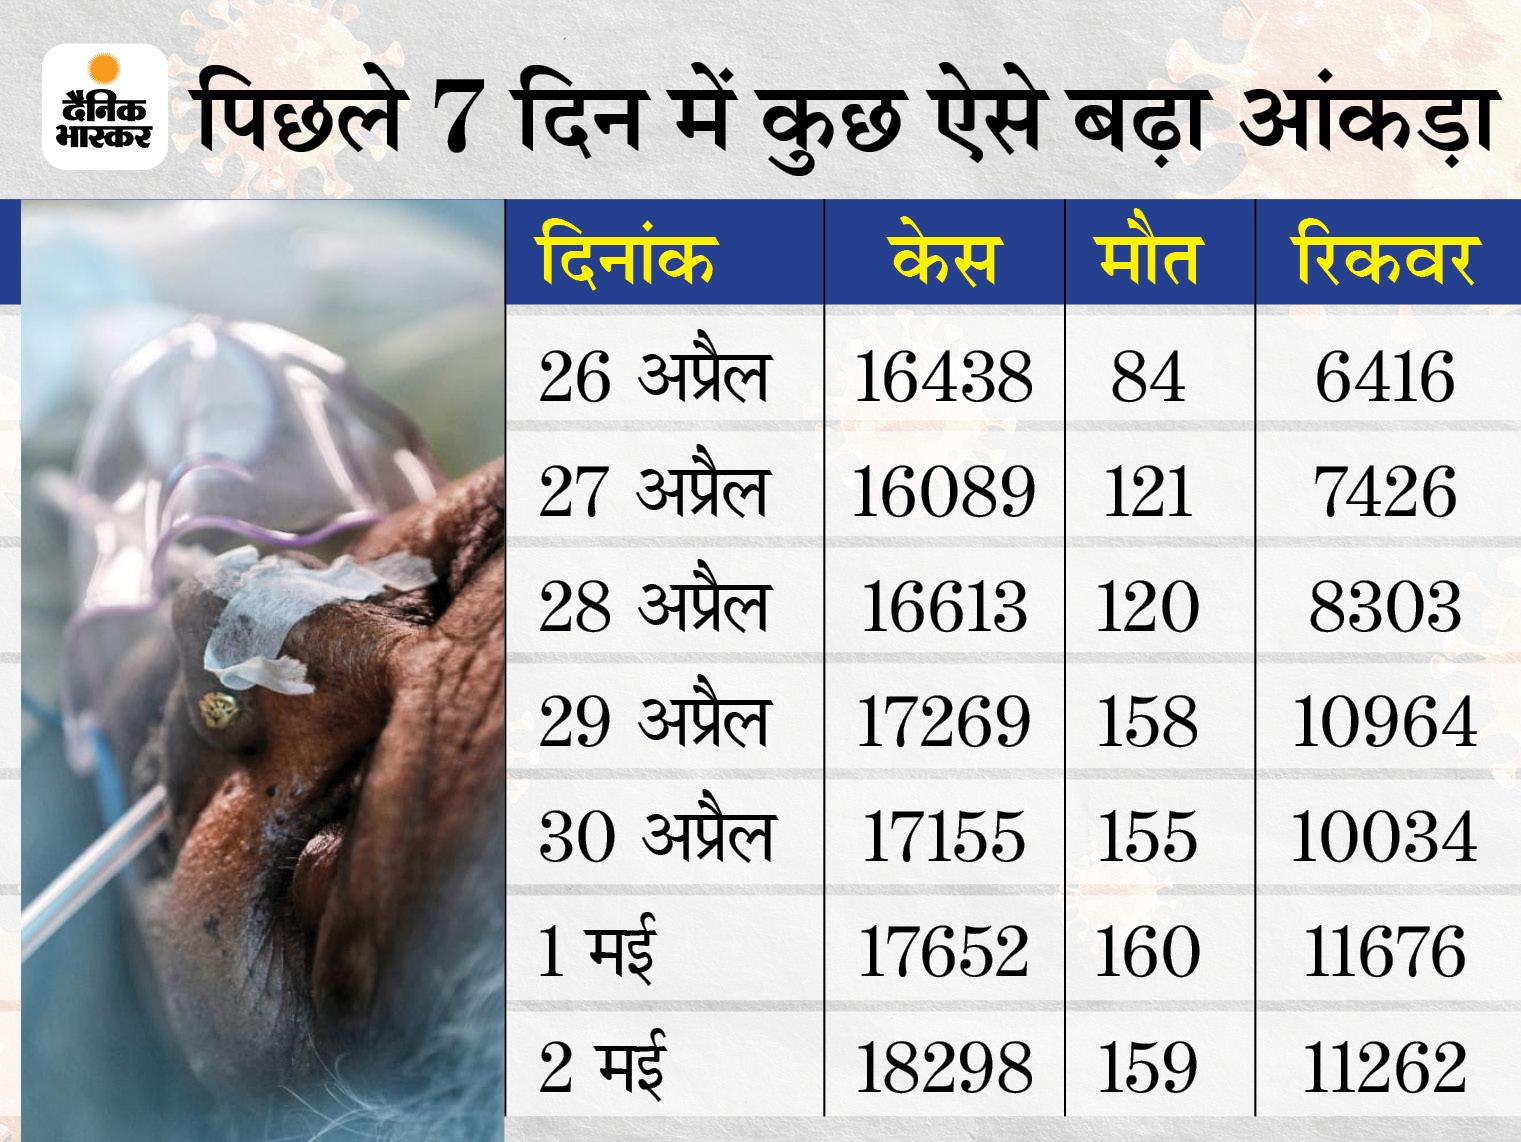 14 दिन का लॉकडाउन लगने के बाद भी संक्रमण की रफ्तार नहीं थमी, पॉजिटिविटी रेट 17 से 21 हुआ; आज से और सख्ती के साथ दूसरे चरण का लॉकडाउन शुरू|राजस्थान,Rajasthan - Dainik Bhaskar